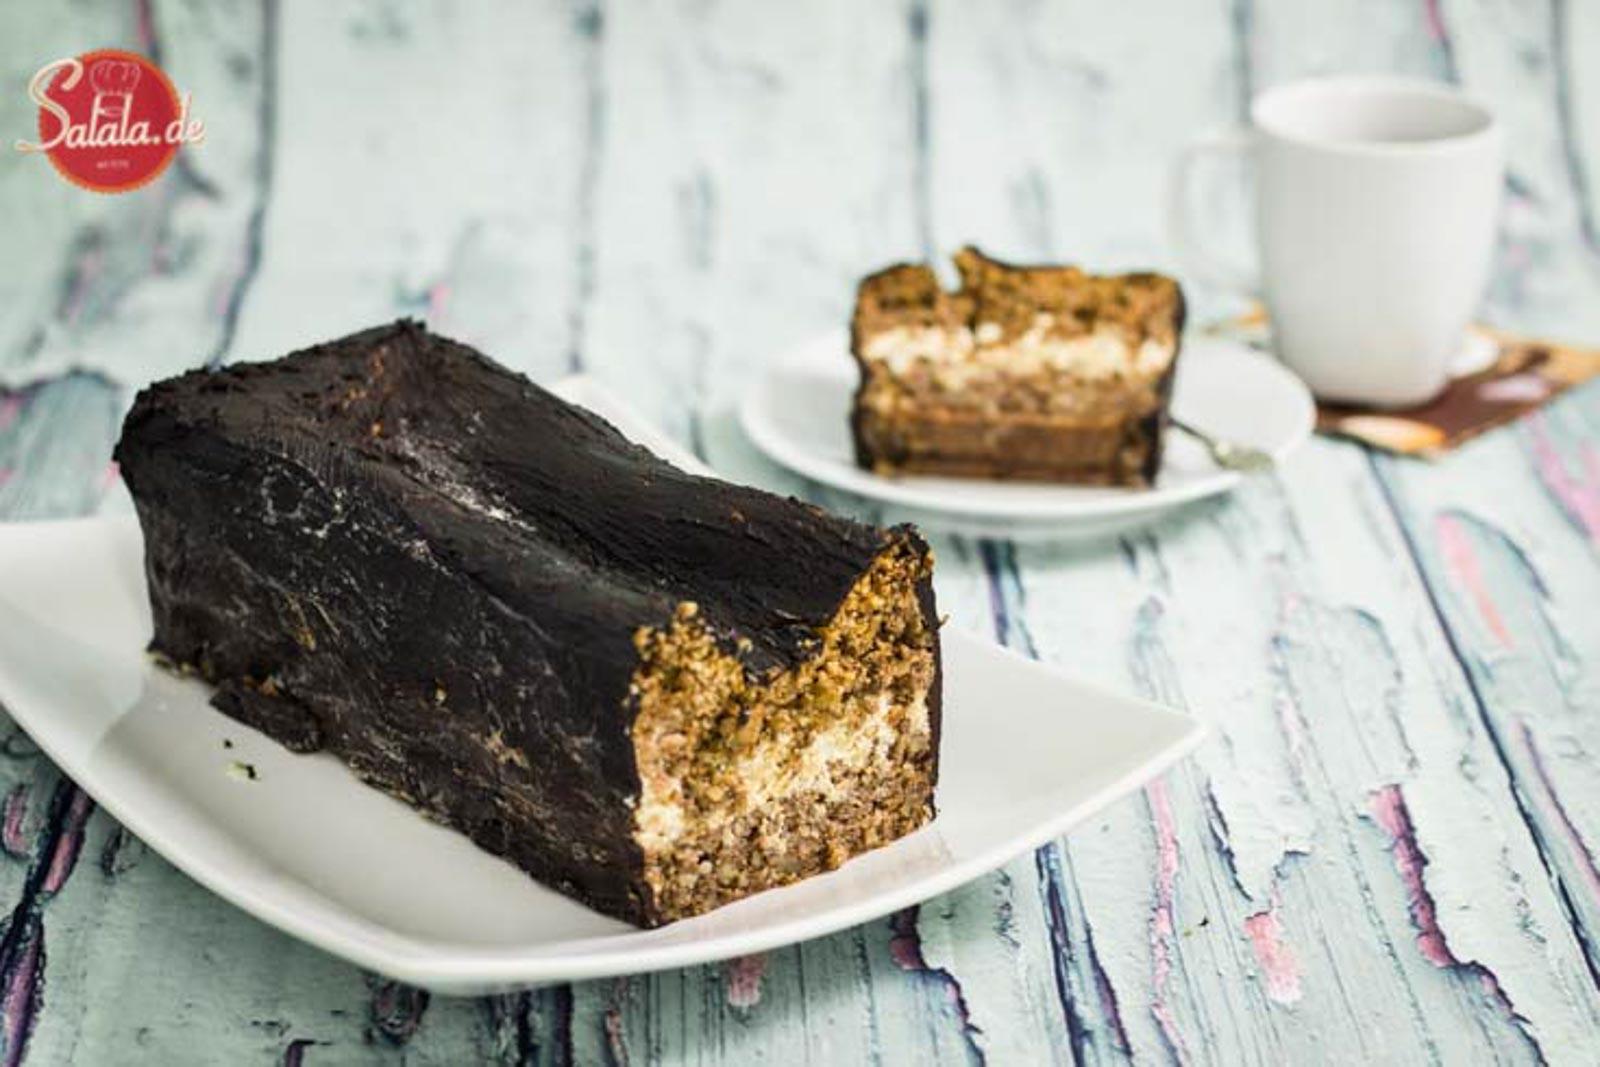 Walnuss-Rum-Kuchen low carb und ohne Mehl - by salala.de - Kuchen mit Rum-Sahne und Schokoglasur, zuckerfrei Rezept